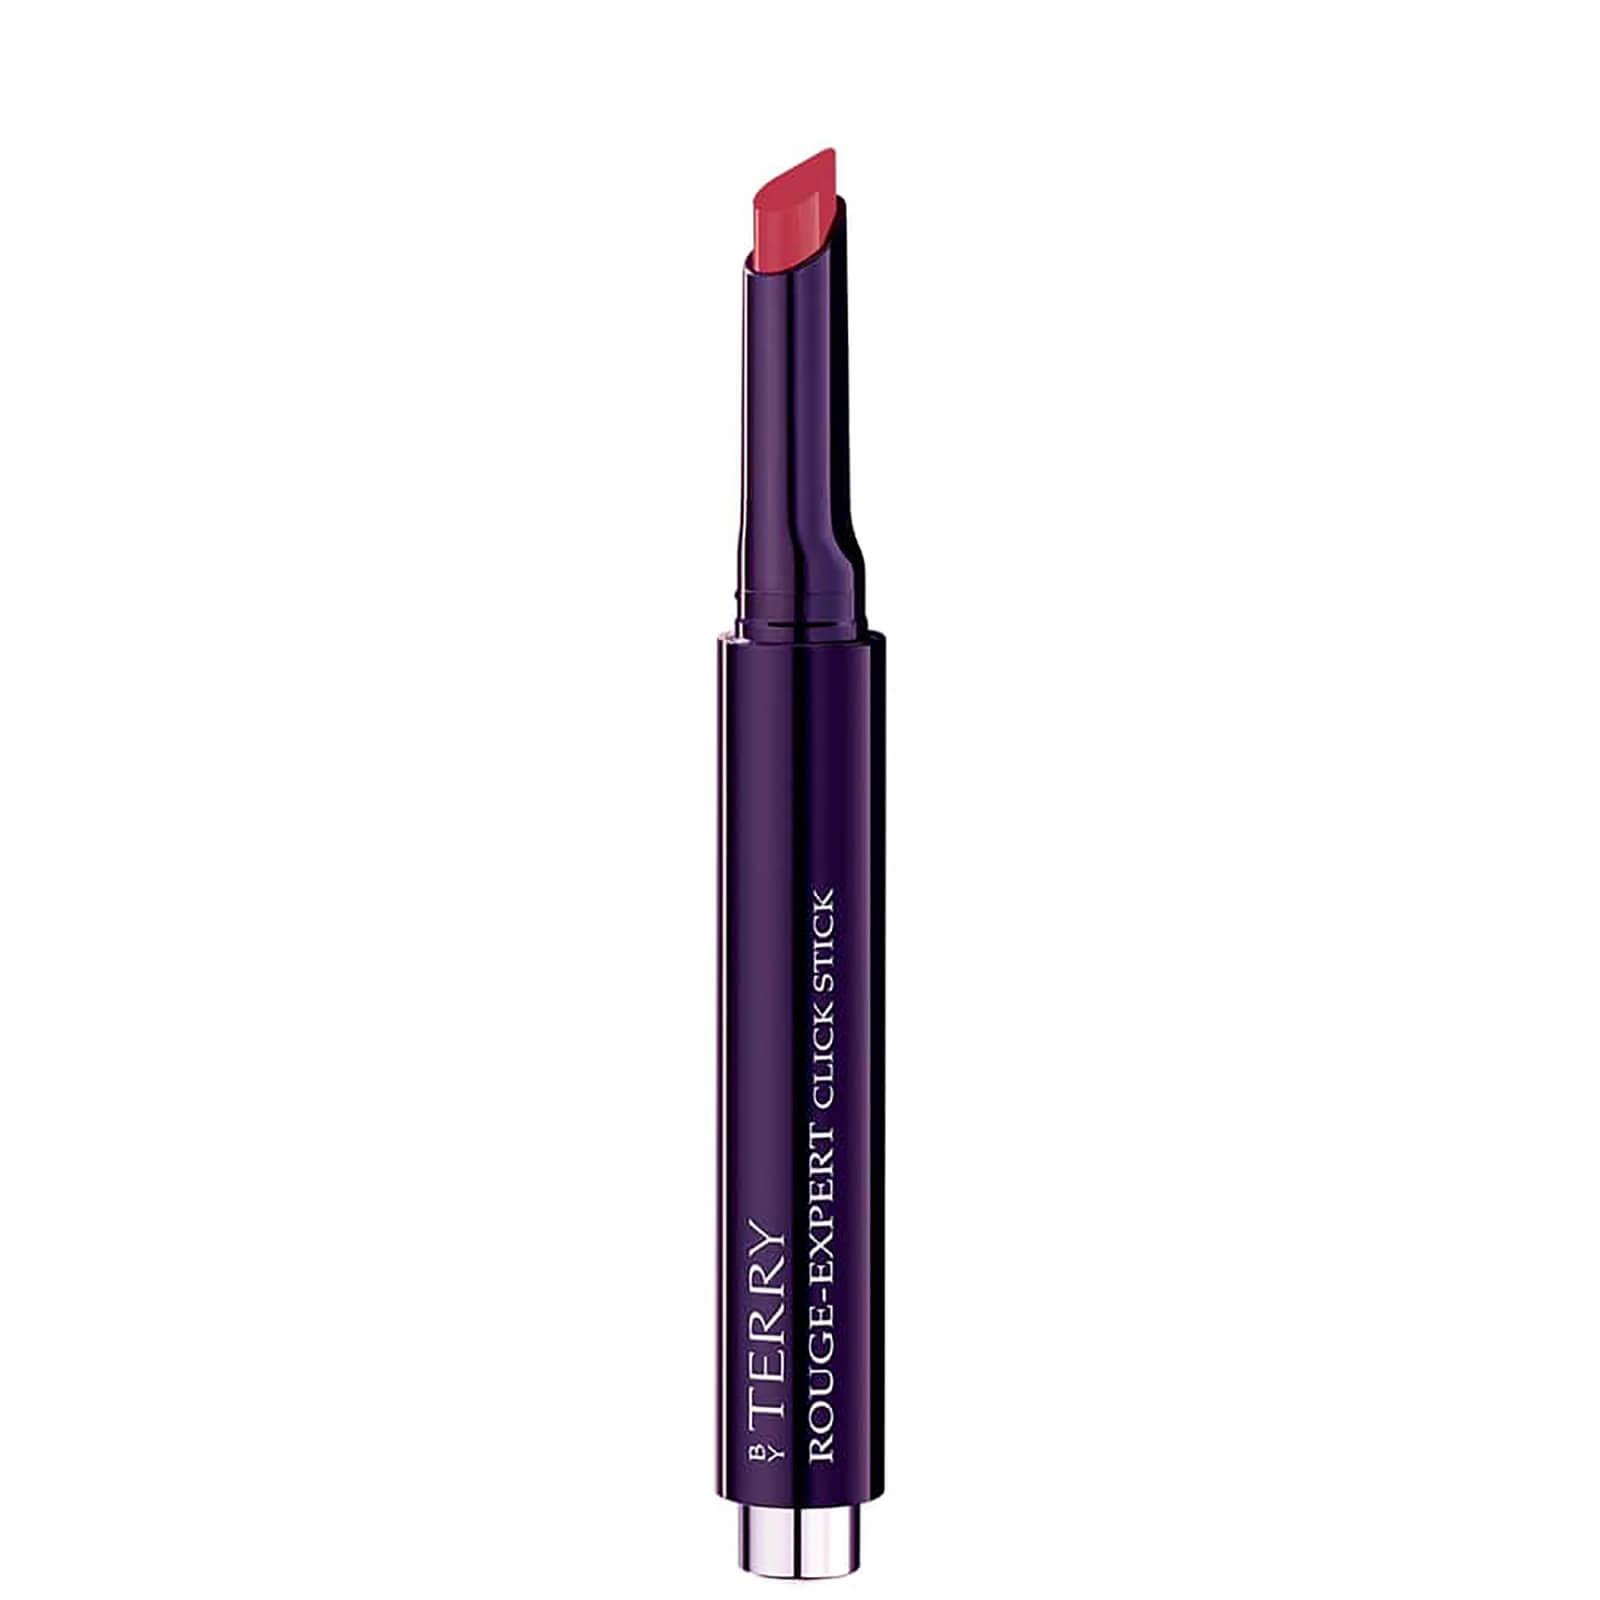 Купить Губная помада By Terry Rouge-Expert Click Stick Lipstick 1, 5 г (различные оттенки) - Garnet Glow